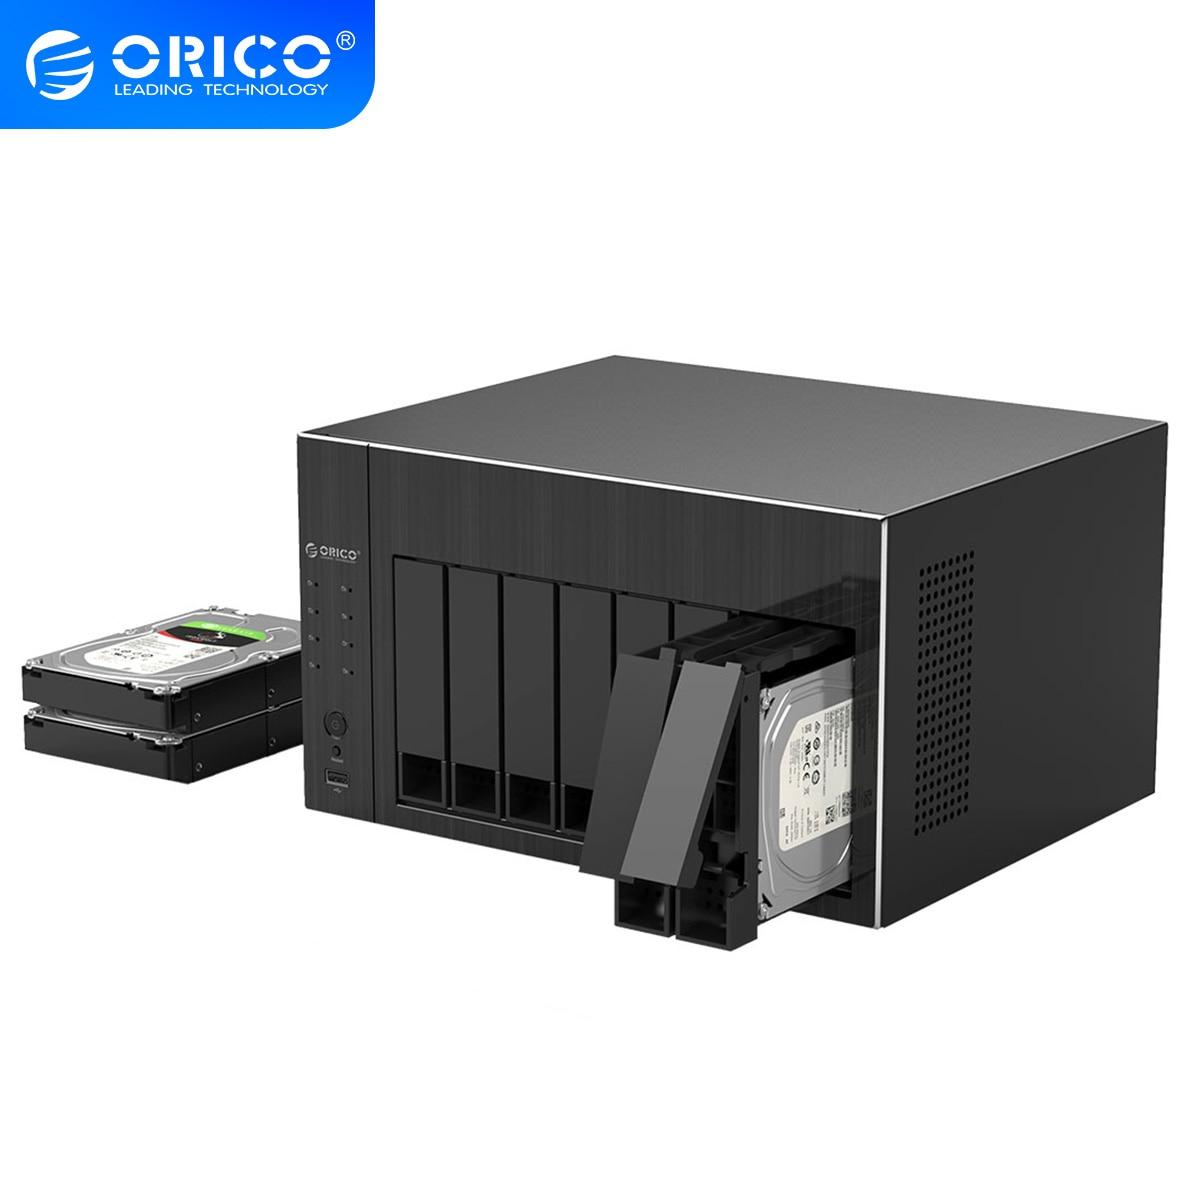 ORICO OS Series NAS 2.5